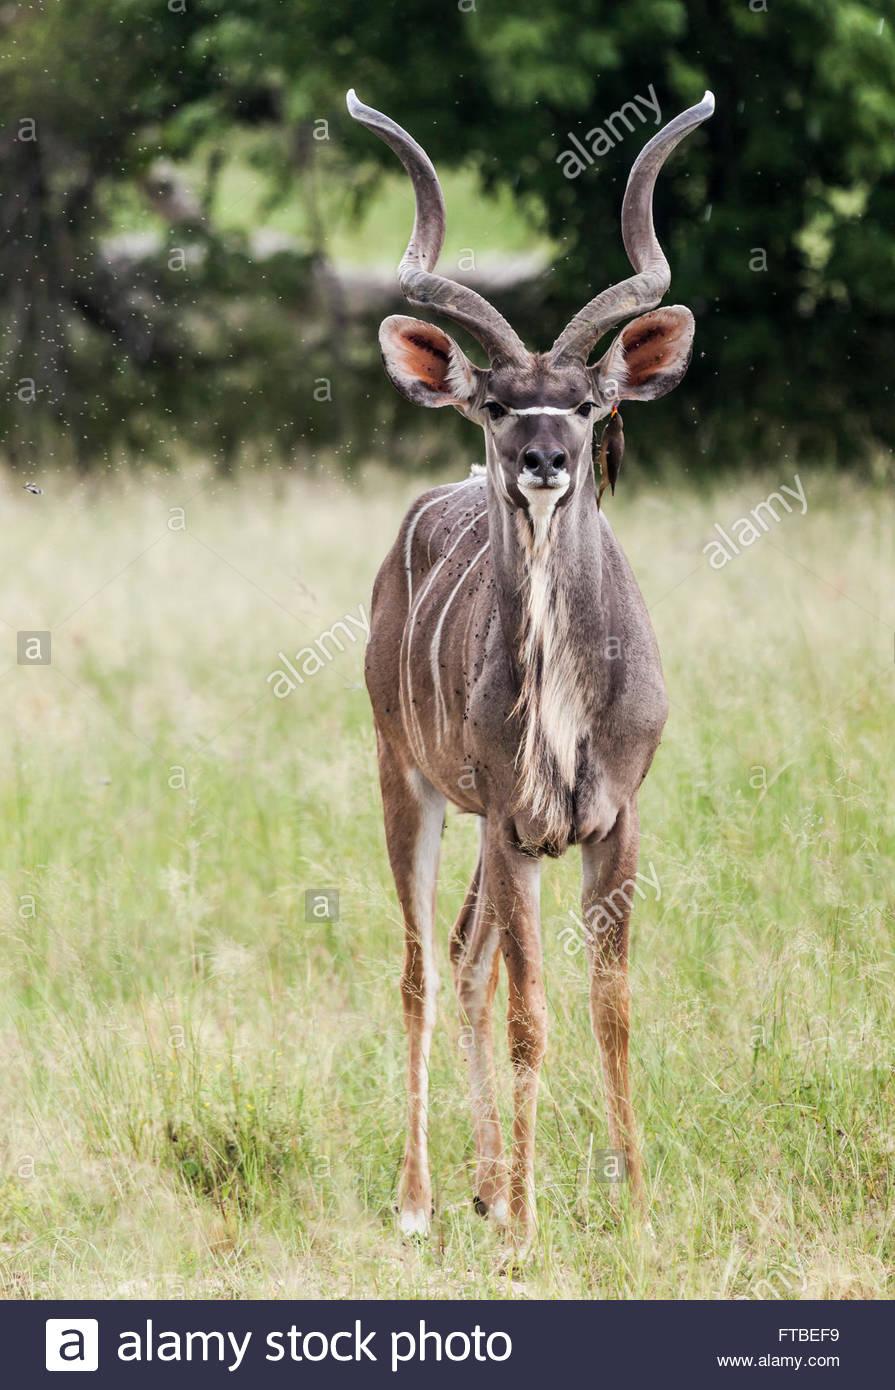 Greater Kudu, Tragelaphus strepsiceros, Mahango Game Reserve, Bwabwata National Park, Zambezi Region, Namibia, Africa - Stock Image